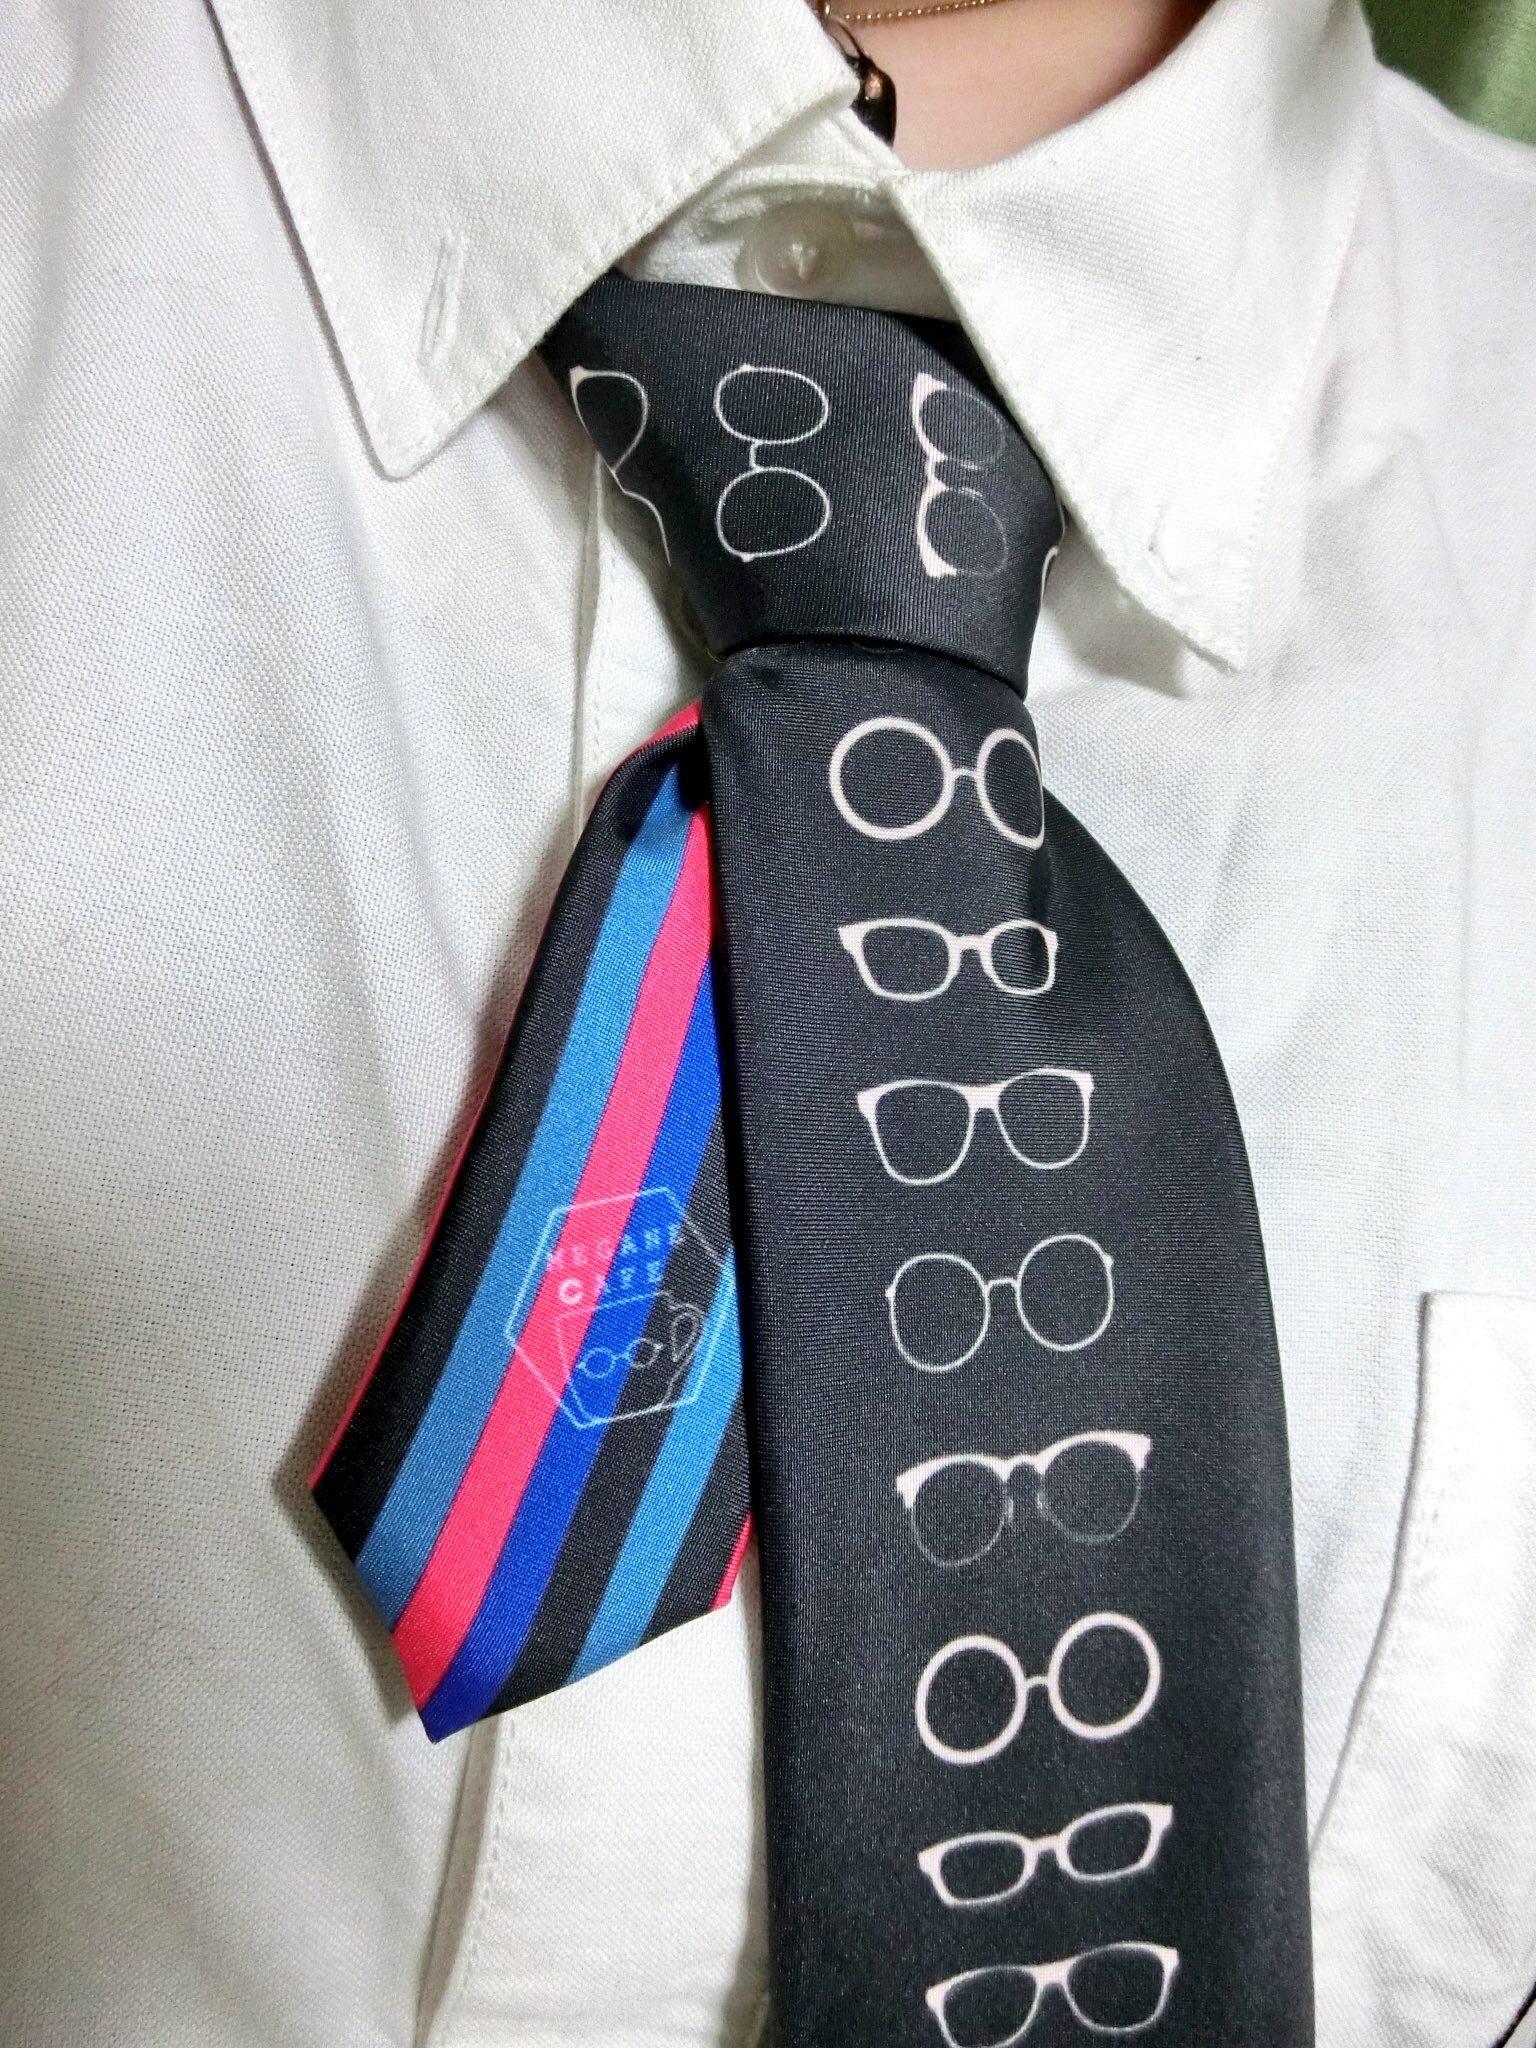 遊び人のメガネクタイ。